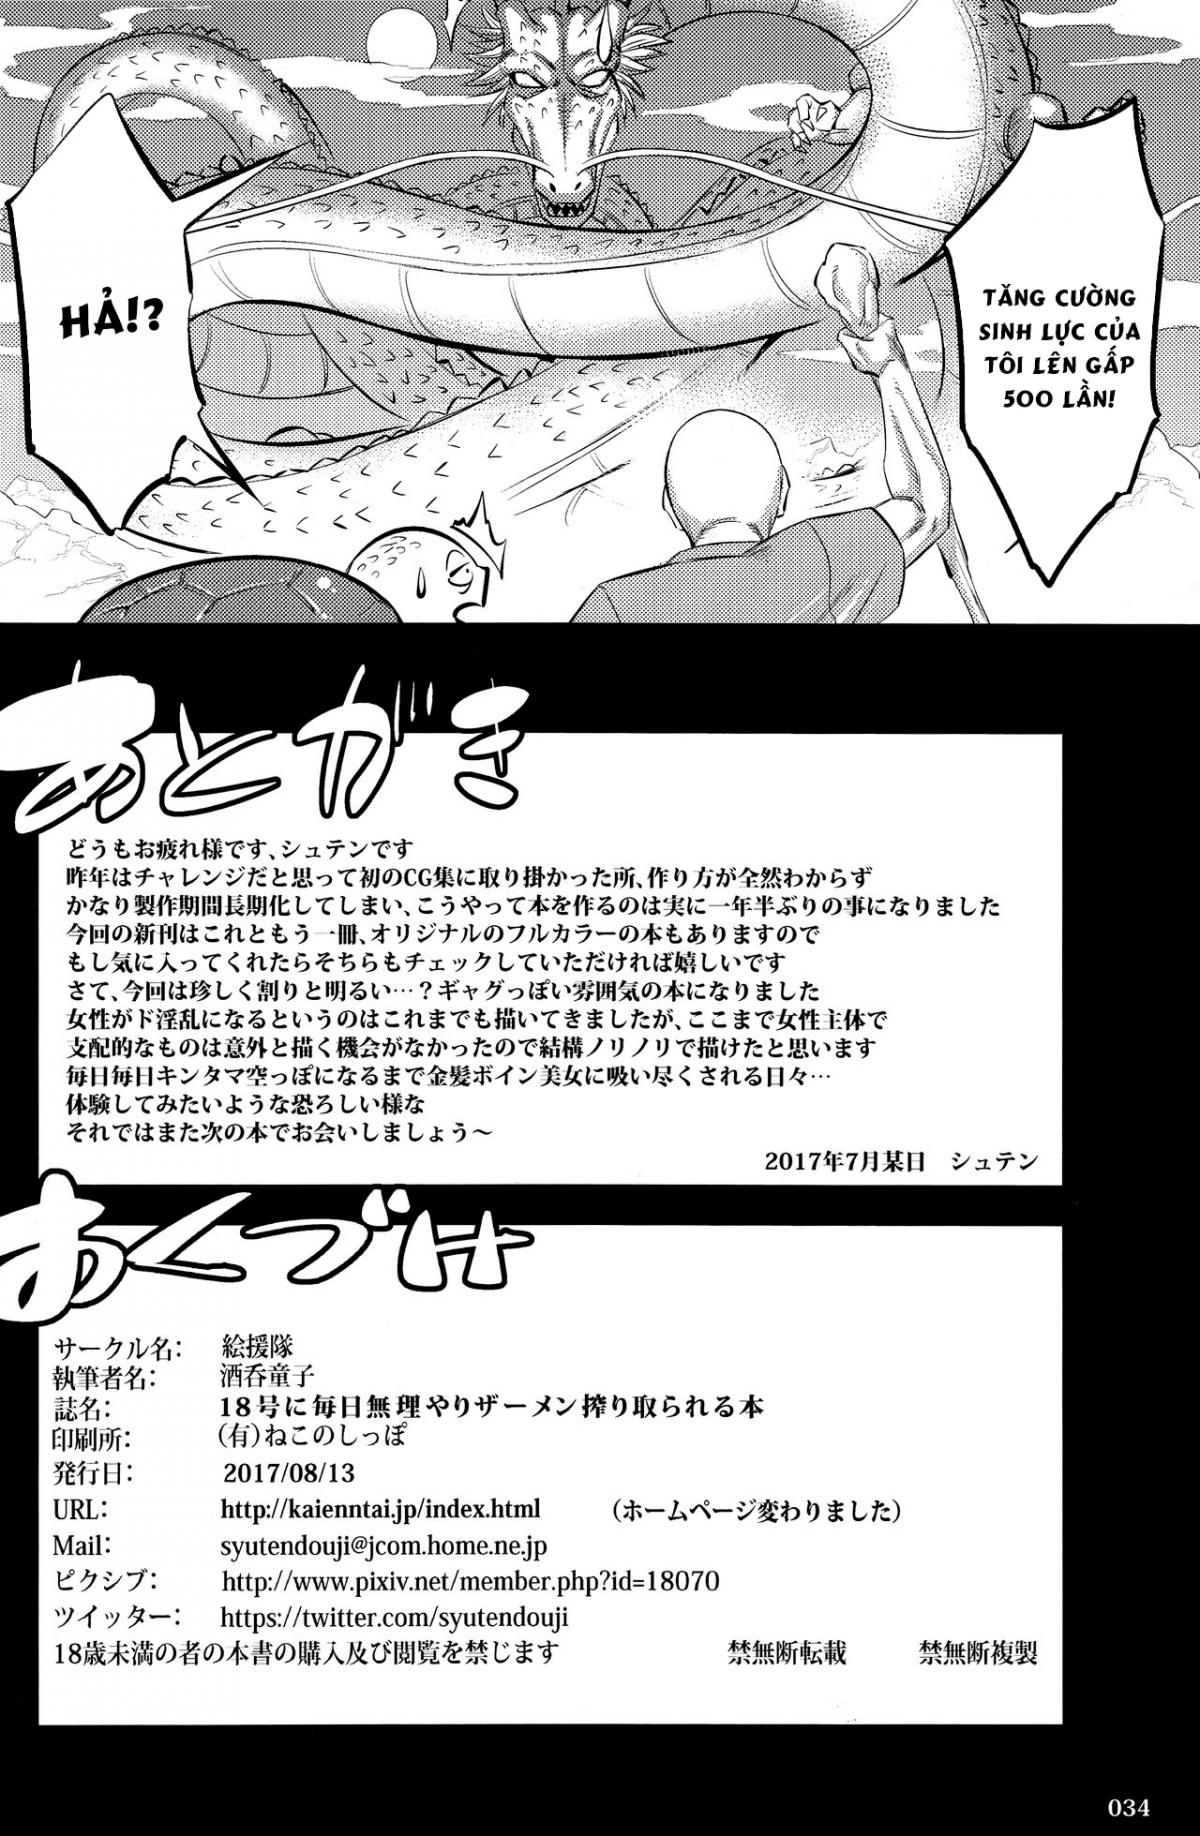 HentaiVN.net - Ảnh 34 - 18-gou ni Mainichi Muriyari Semen Shiboritorareru Hon - A Book About Getting Your Semen Forcibly Squeezed Out By No. 18 Every Single Day - Oneshot